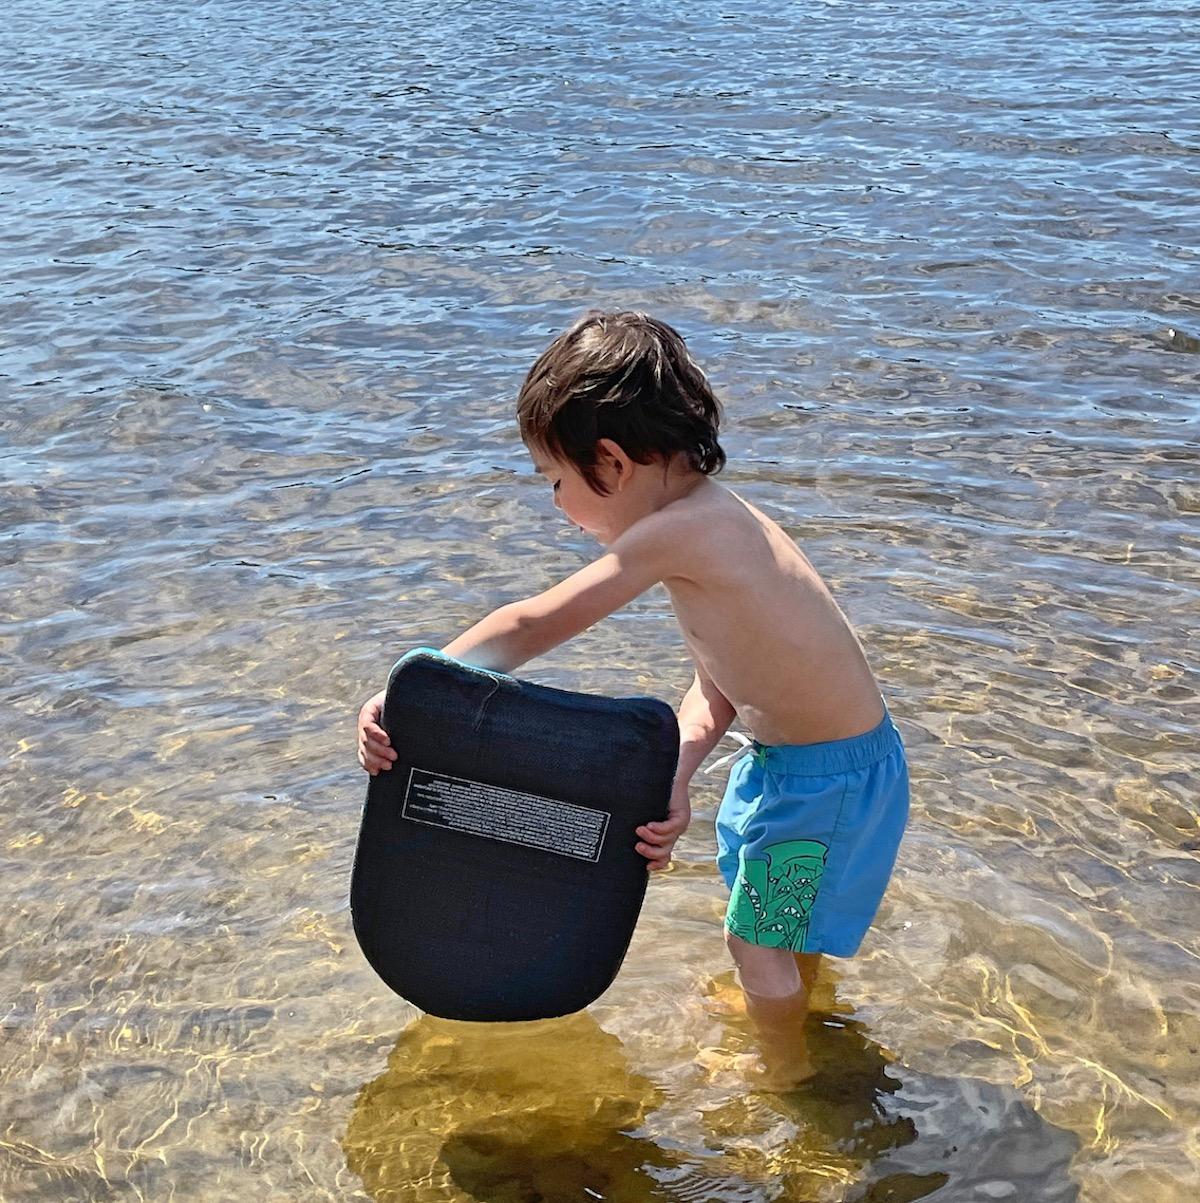 Finn at the lake